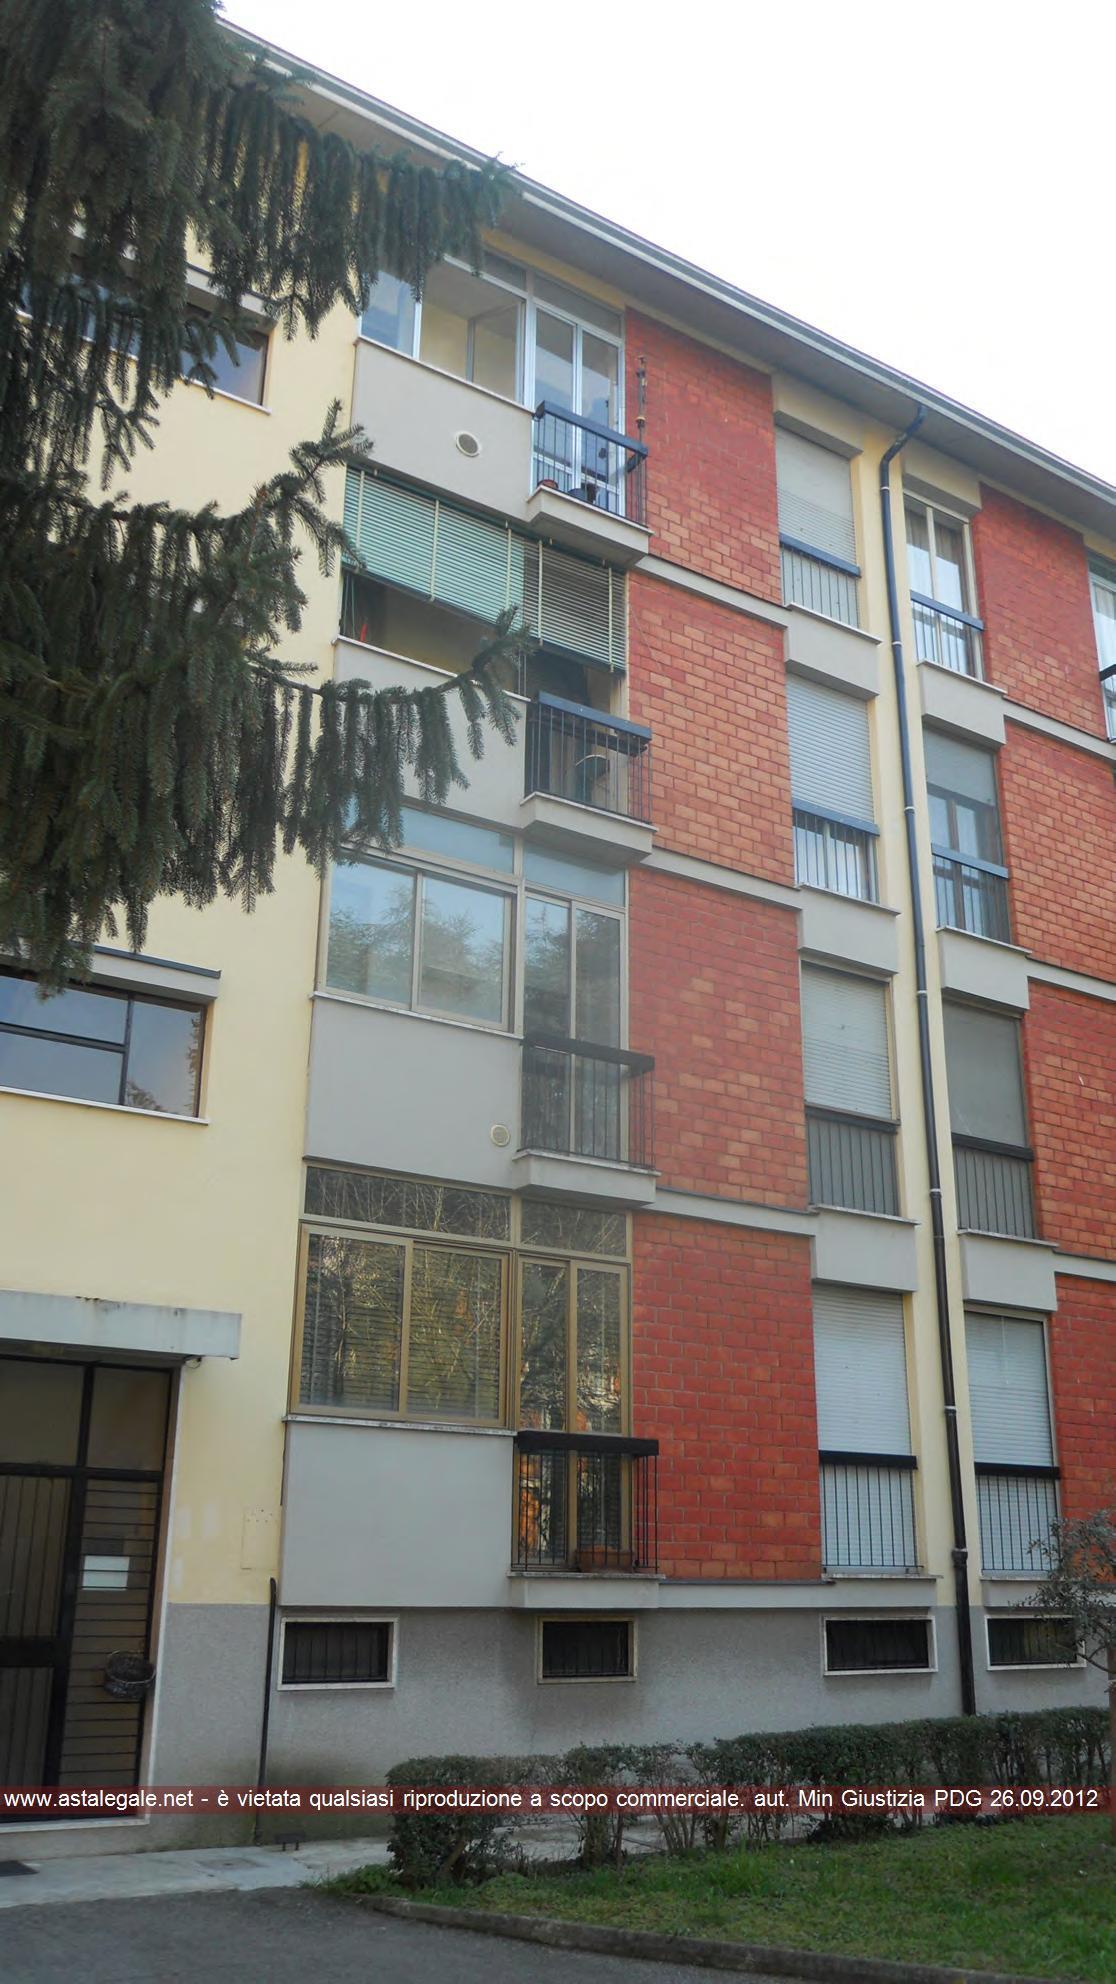 Casalpusterlengo (LO) Via Cesare Battisti, 54 - Scala H